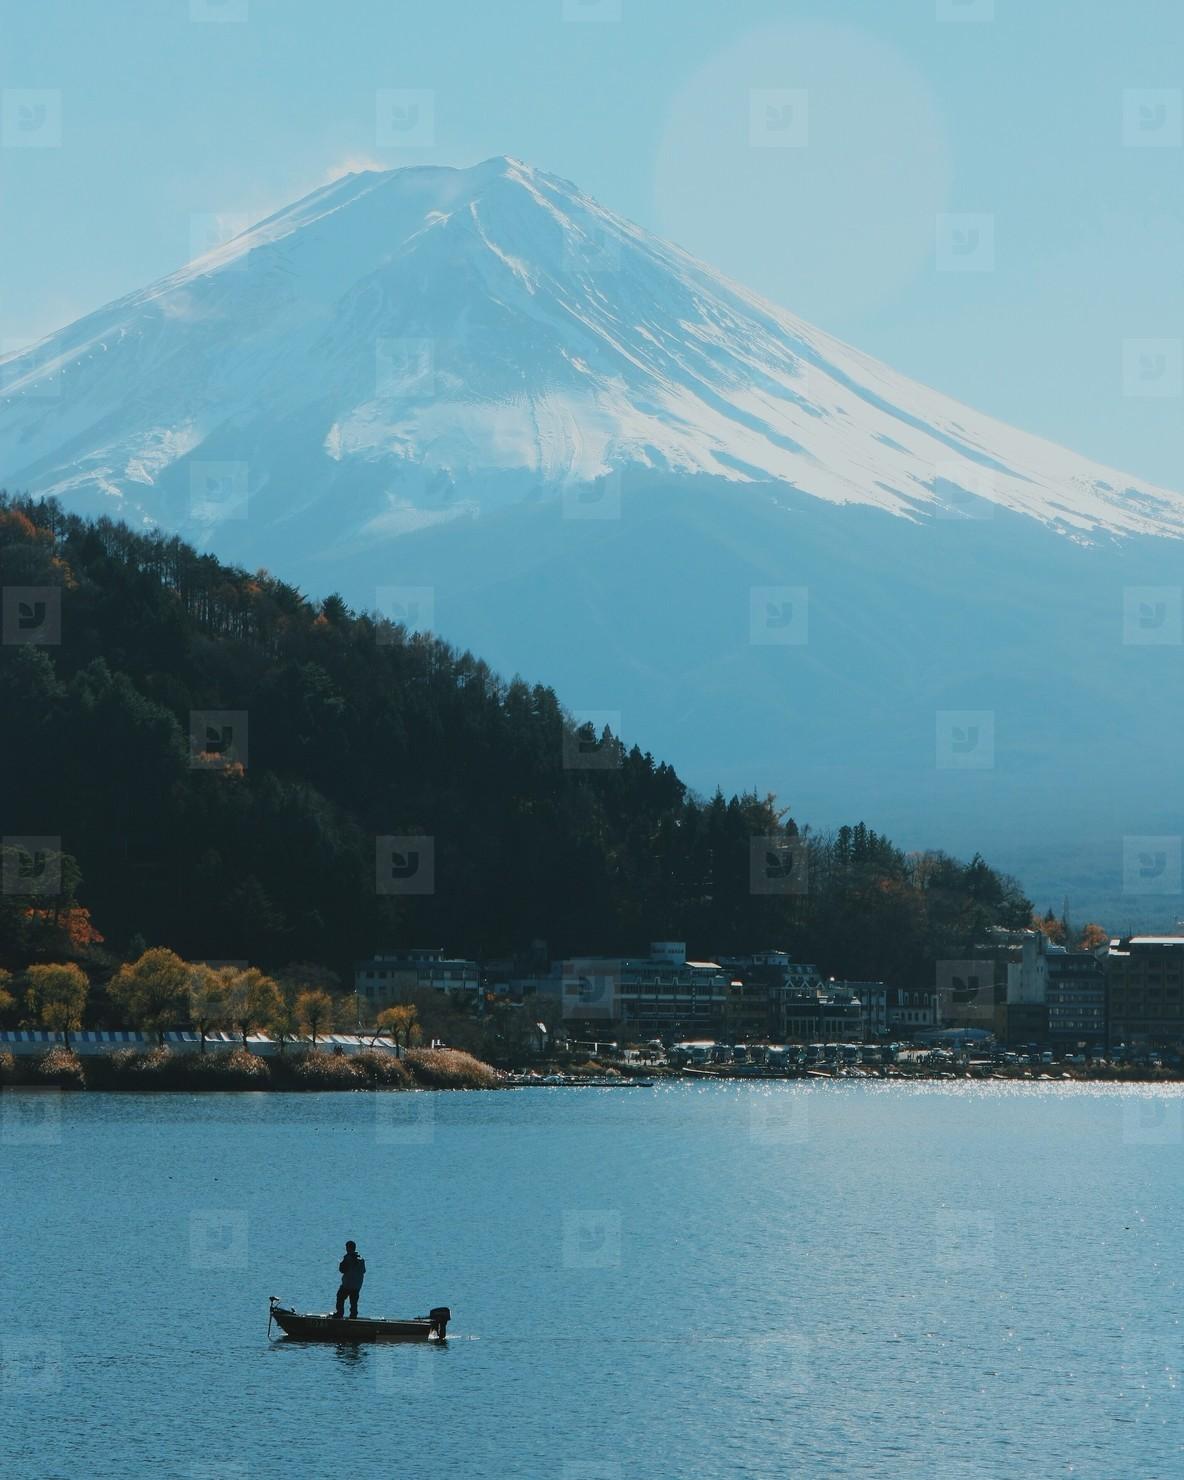 Life on the lake  Japan